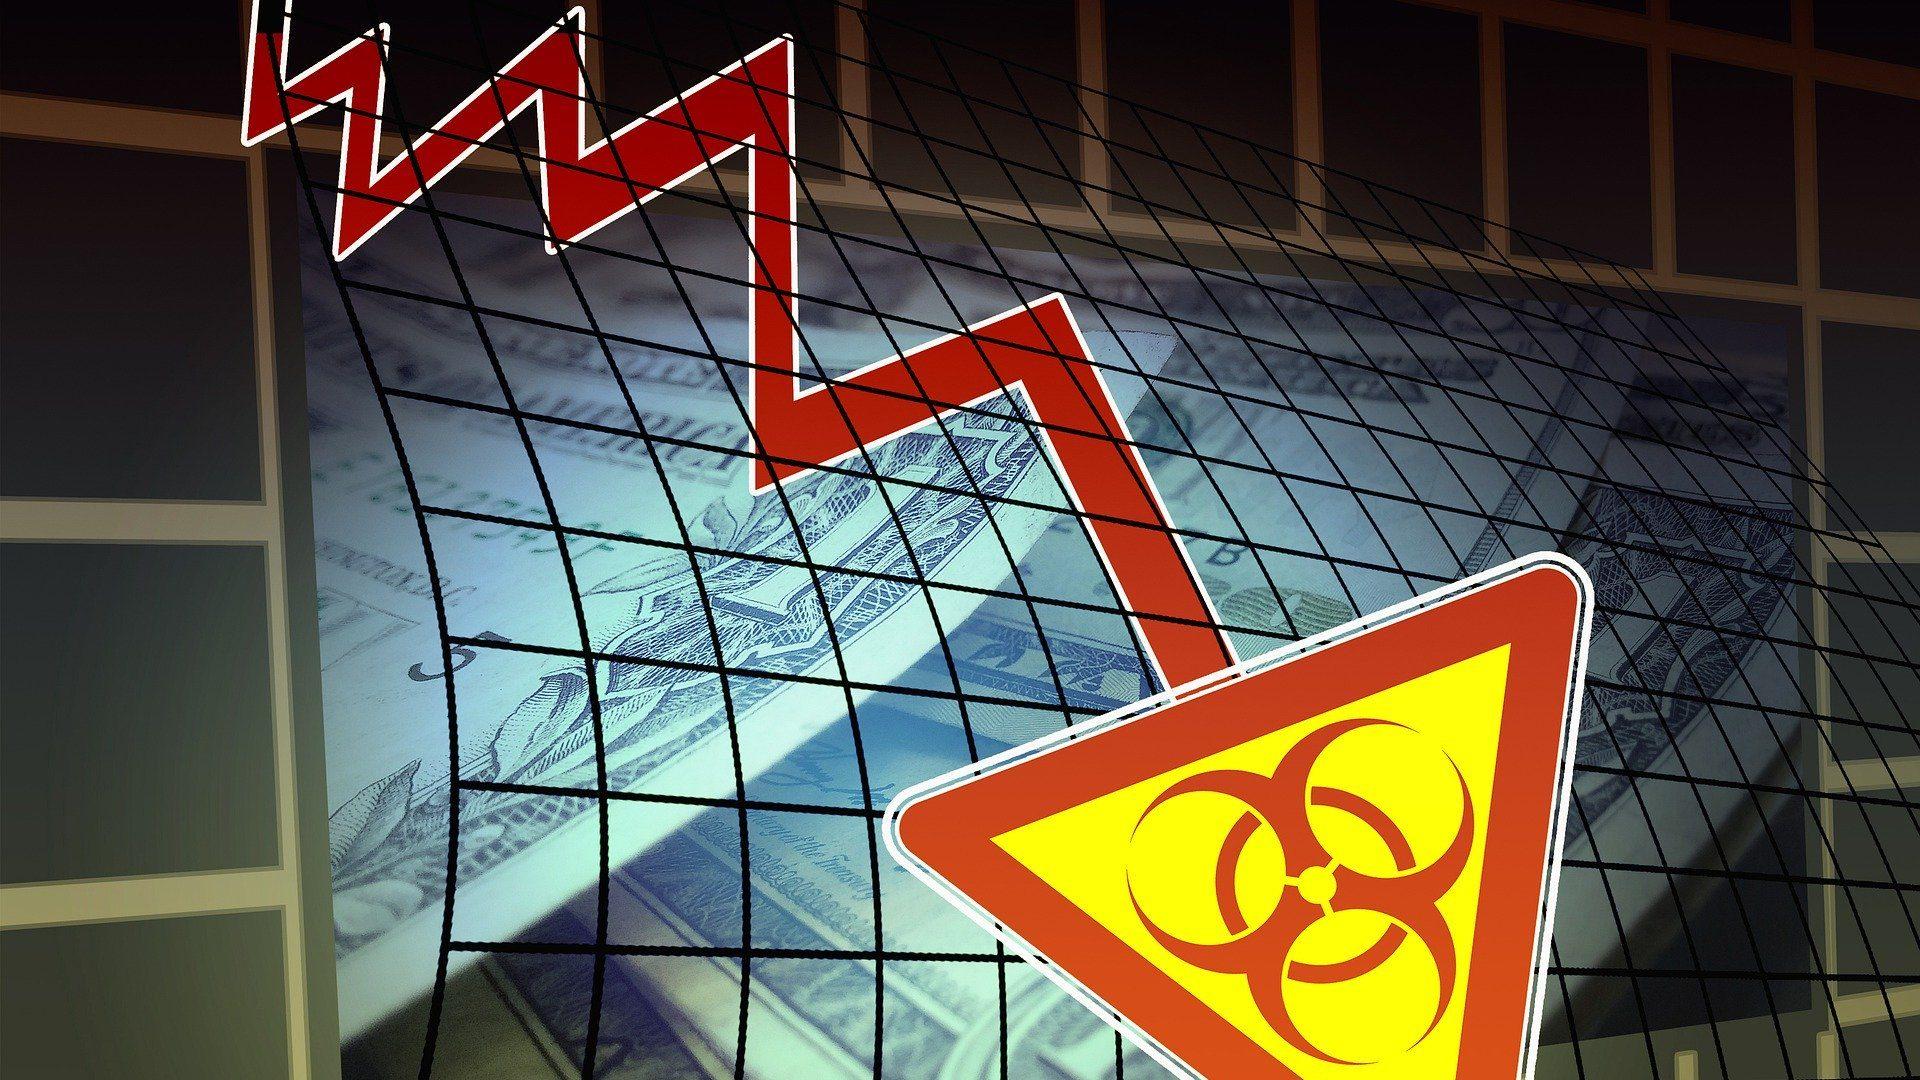 חבויות, רבעון 1: כל חברות הביטוח הפסידו לנוכח השפעת הקורונה על שוק ההון / מאת חגי שפירא